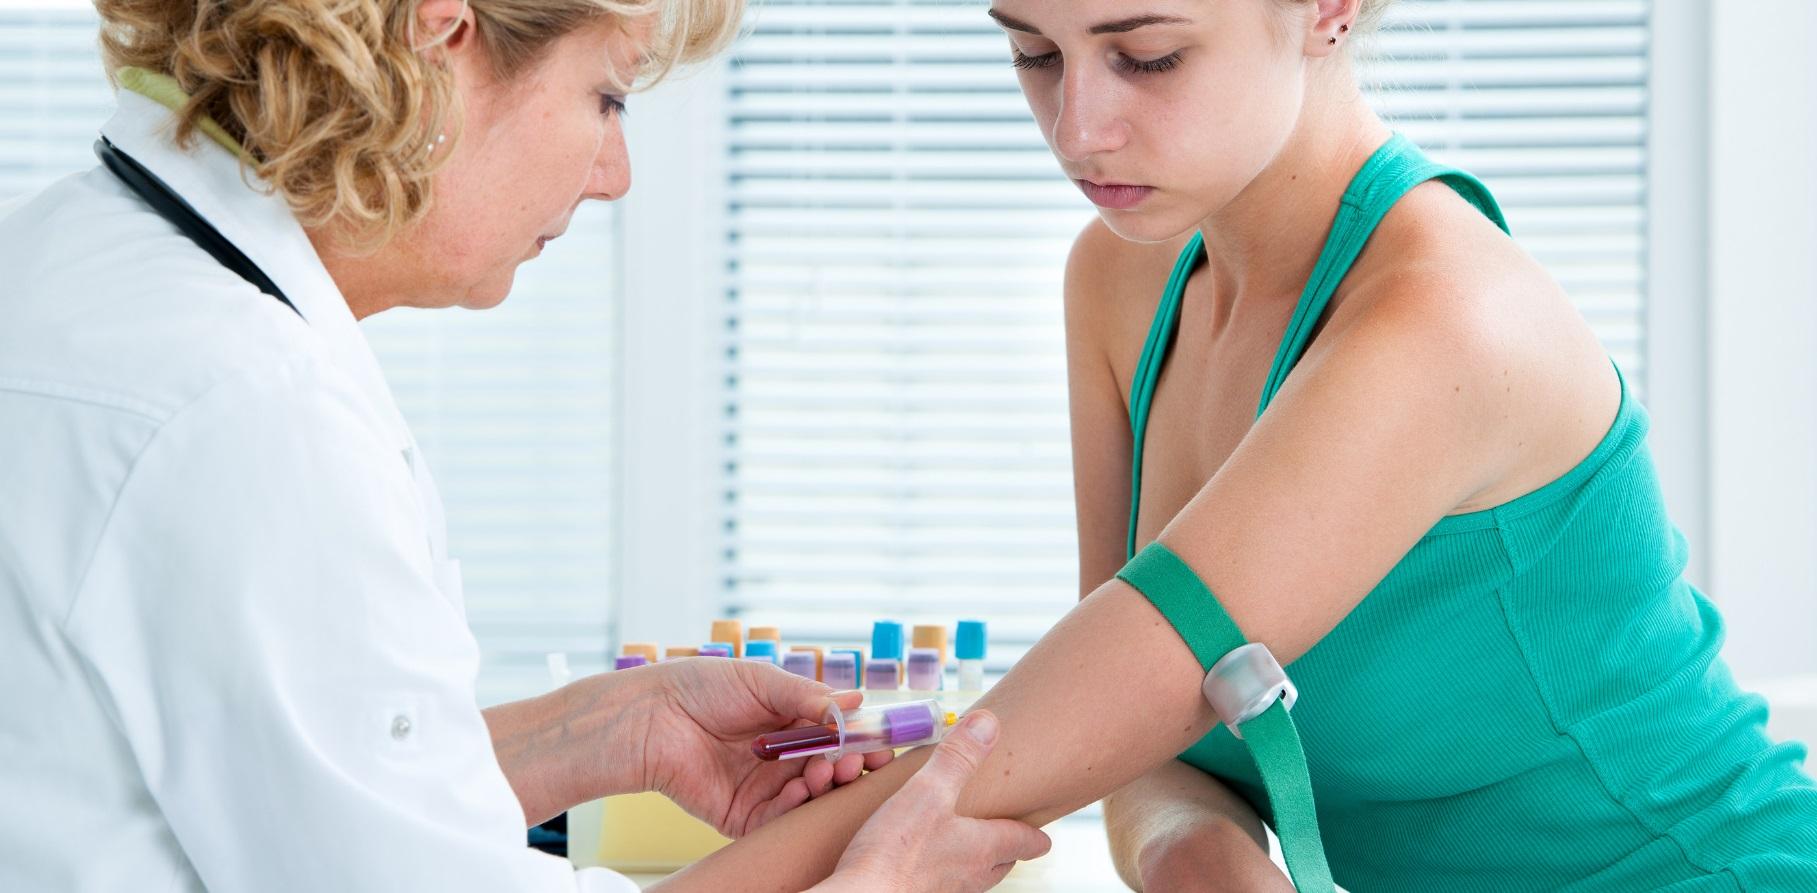 Русские медсестры берут сперму на анализы, Врачиха показывает как надо брать анализ спермы - 856 8 фотография